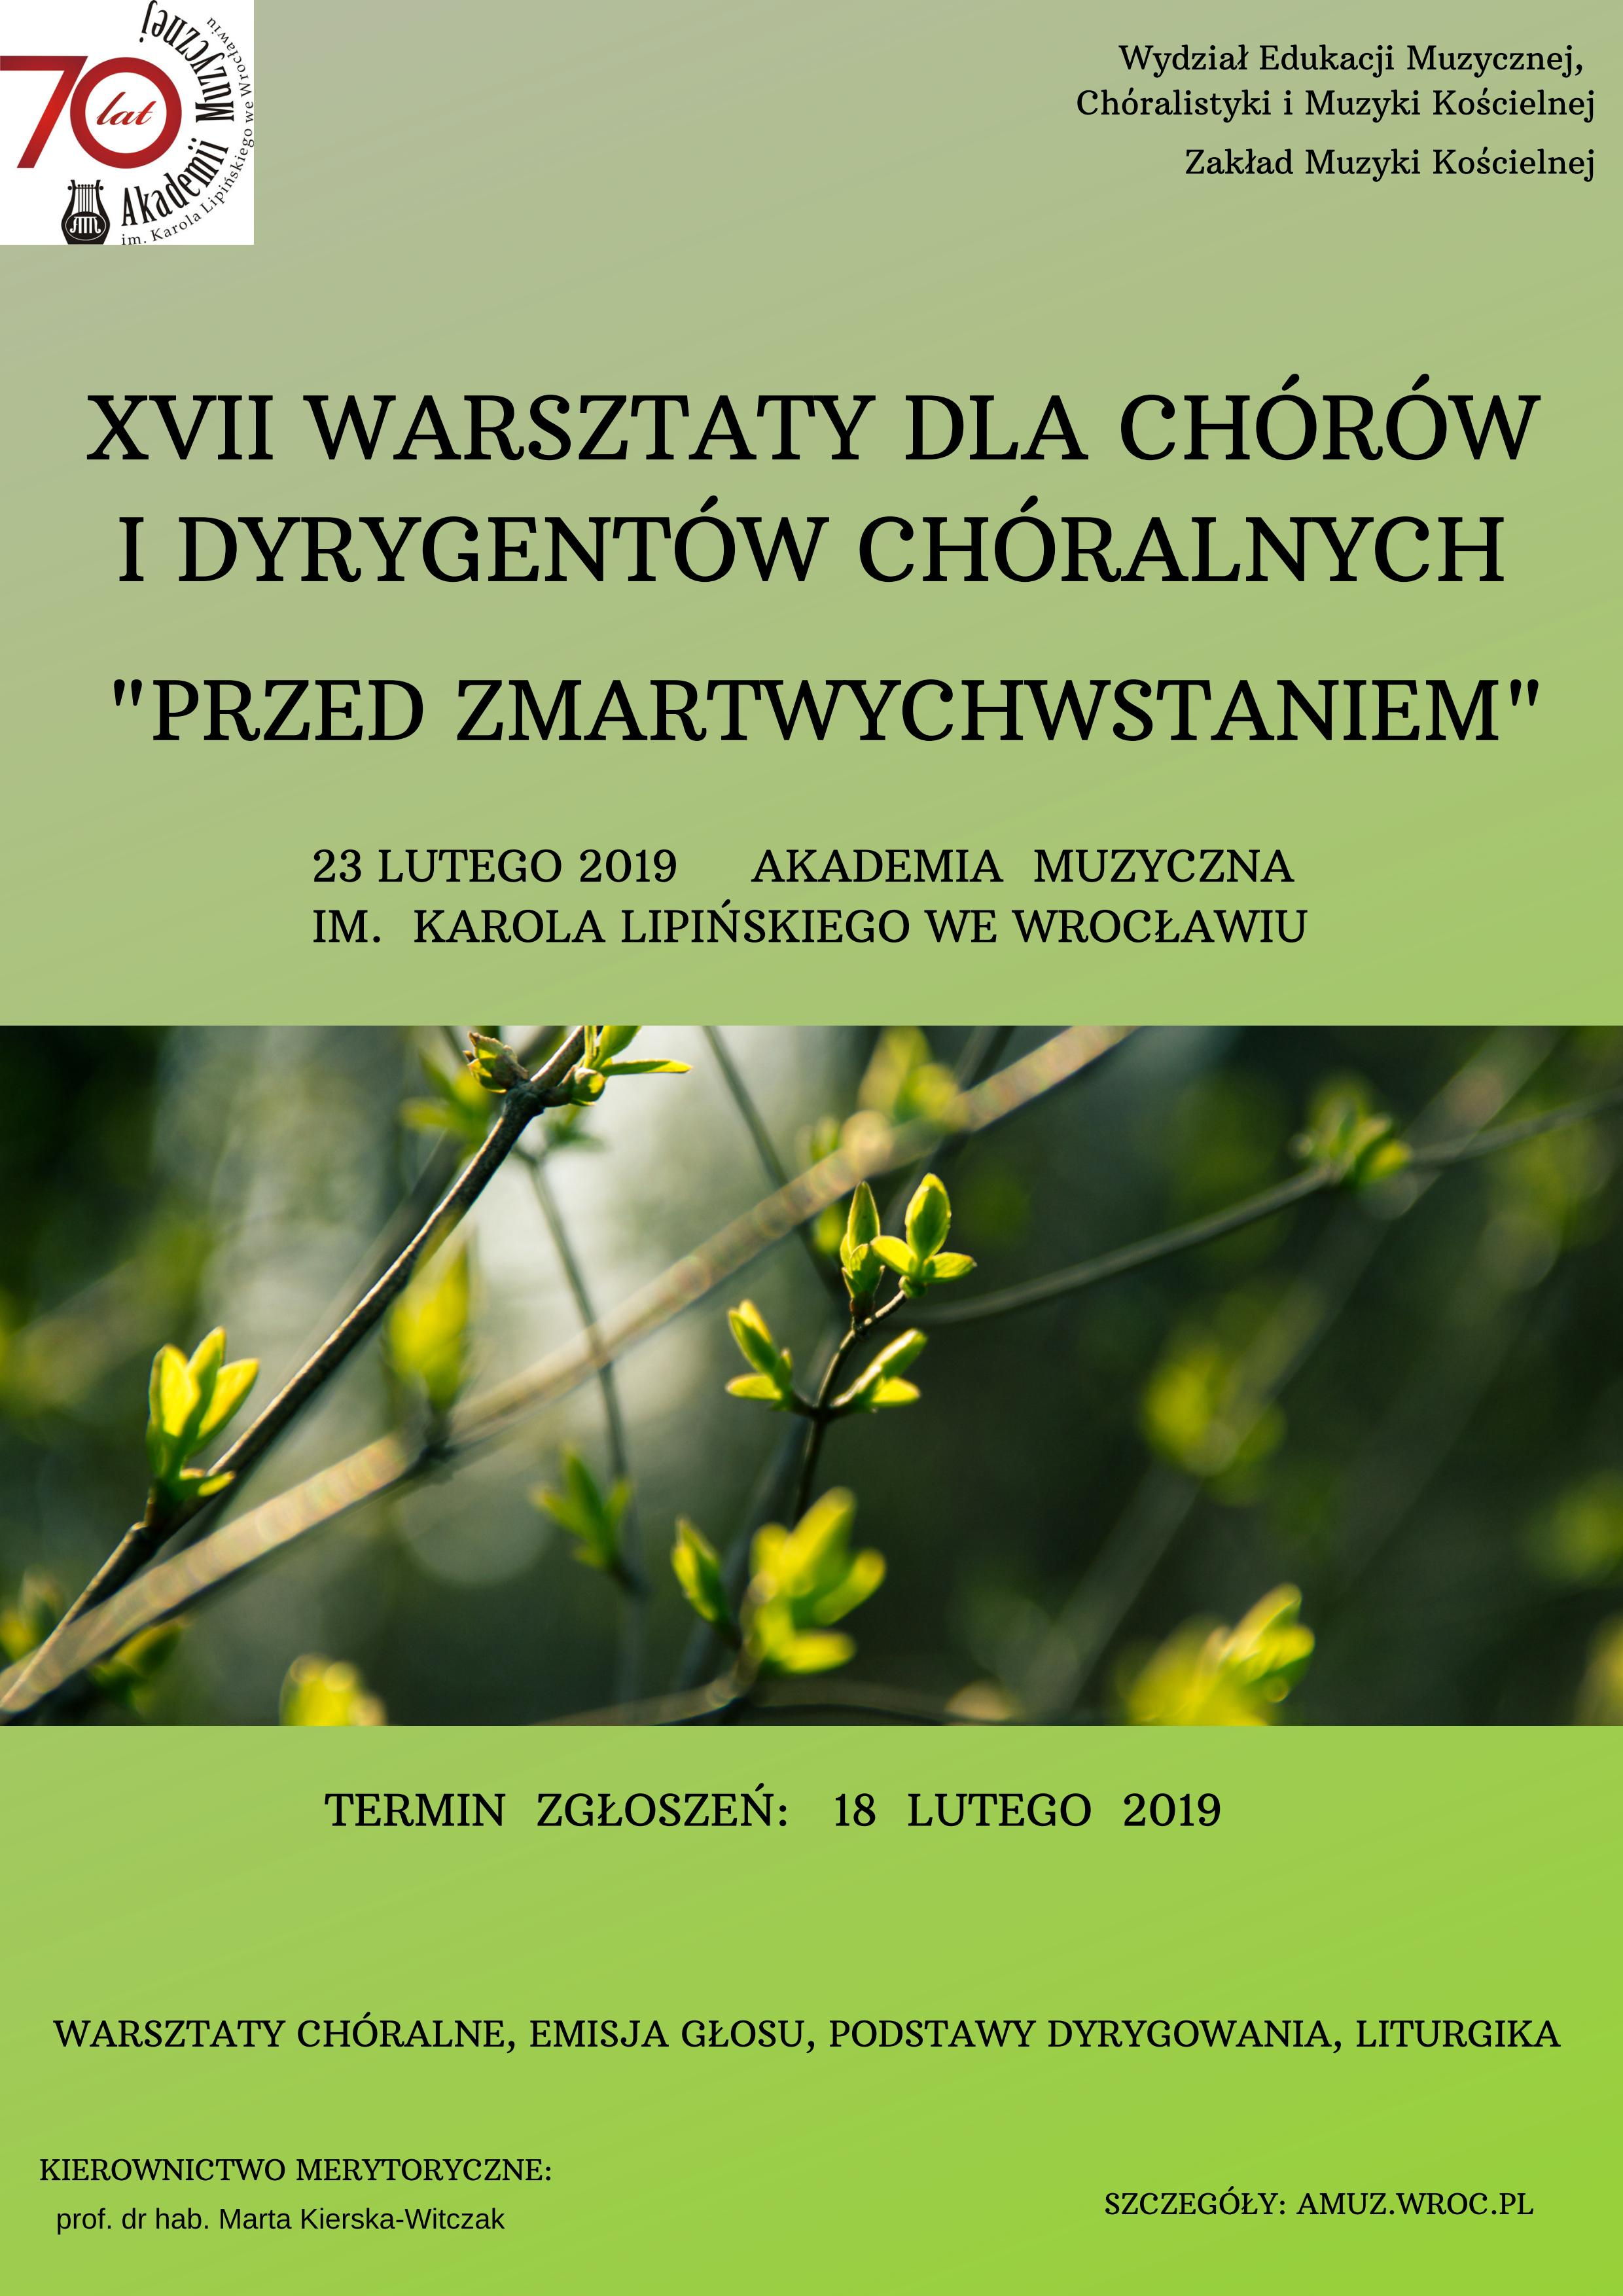 XVII Warsztaty dla chórów i dyrygentów chóralnych